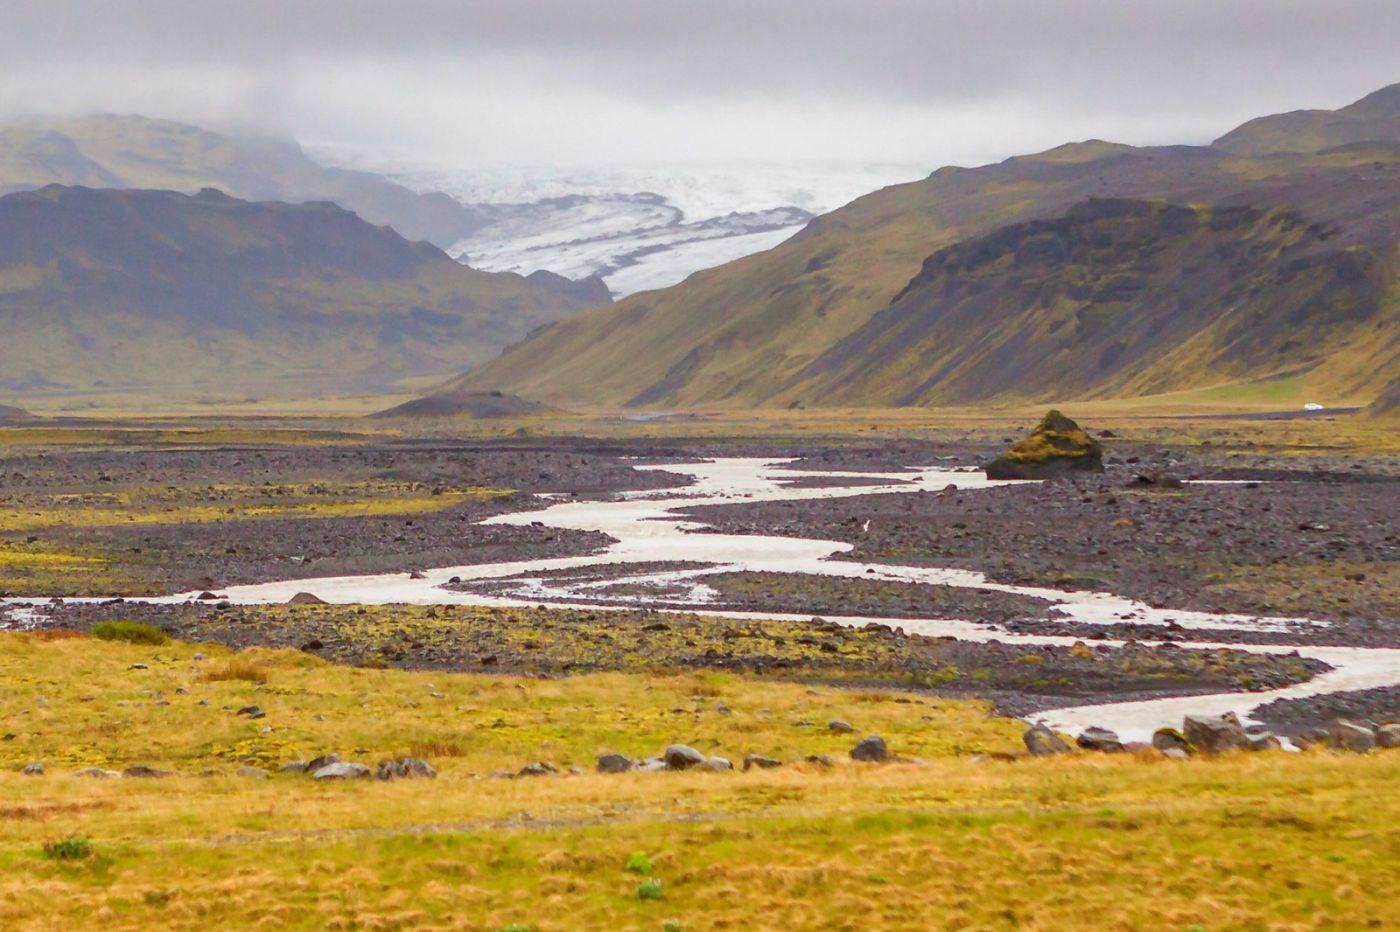 冰岛风采,奇山怪石_图1-39